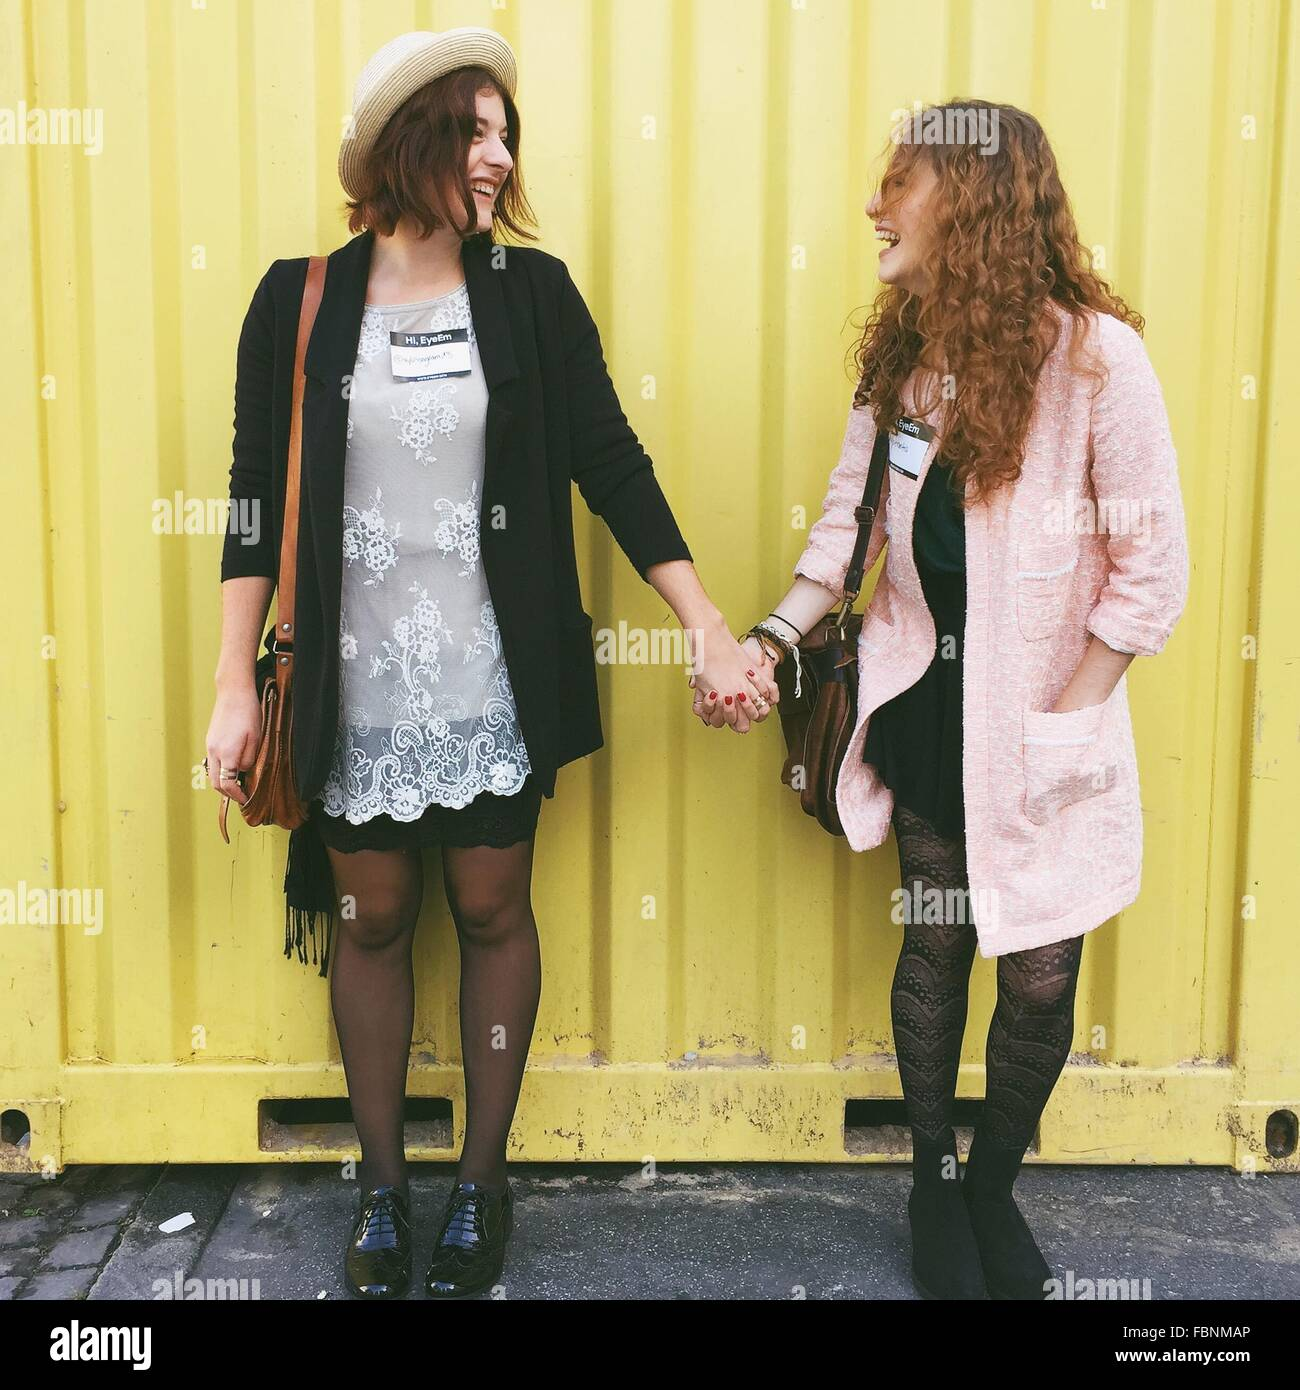 Fröhlicher Freund Hand in Hand stehen gegen Metallwand Stockbild